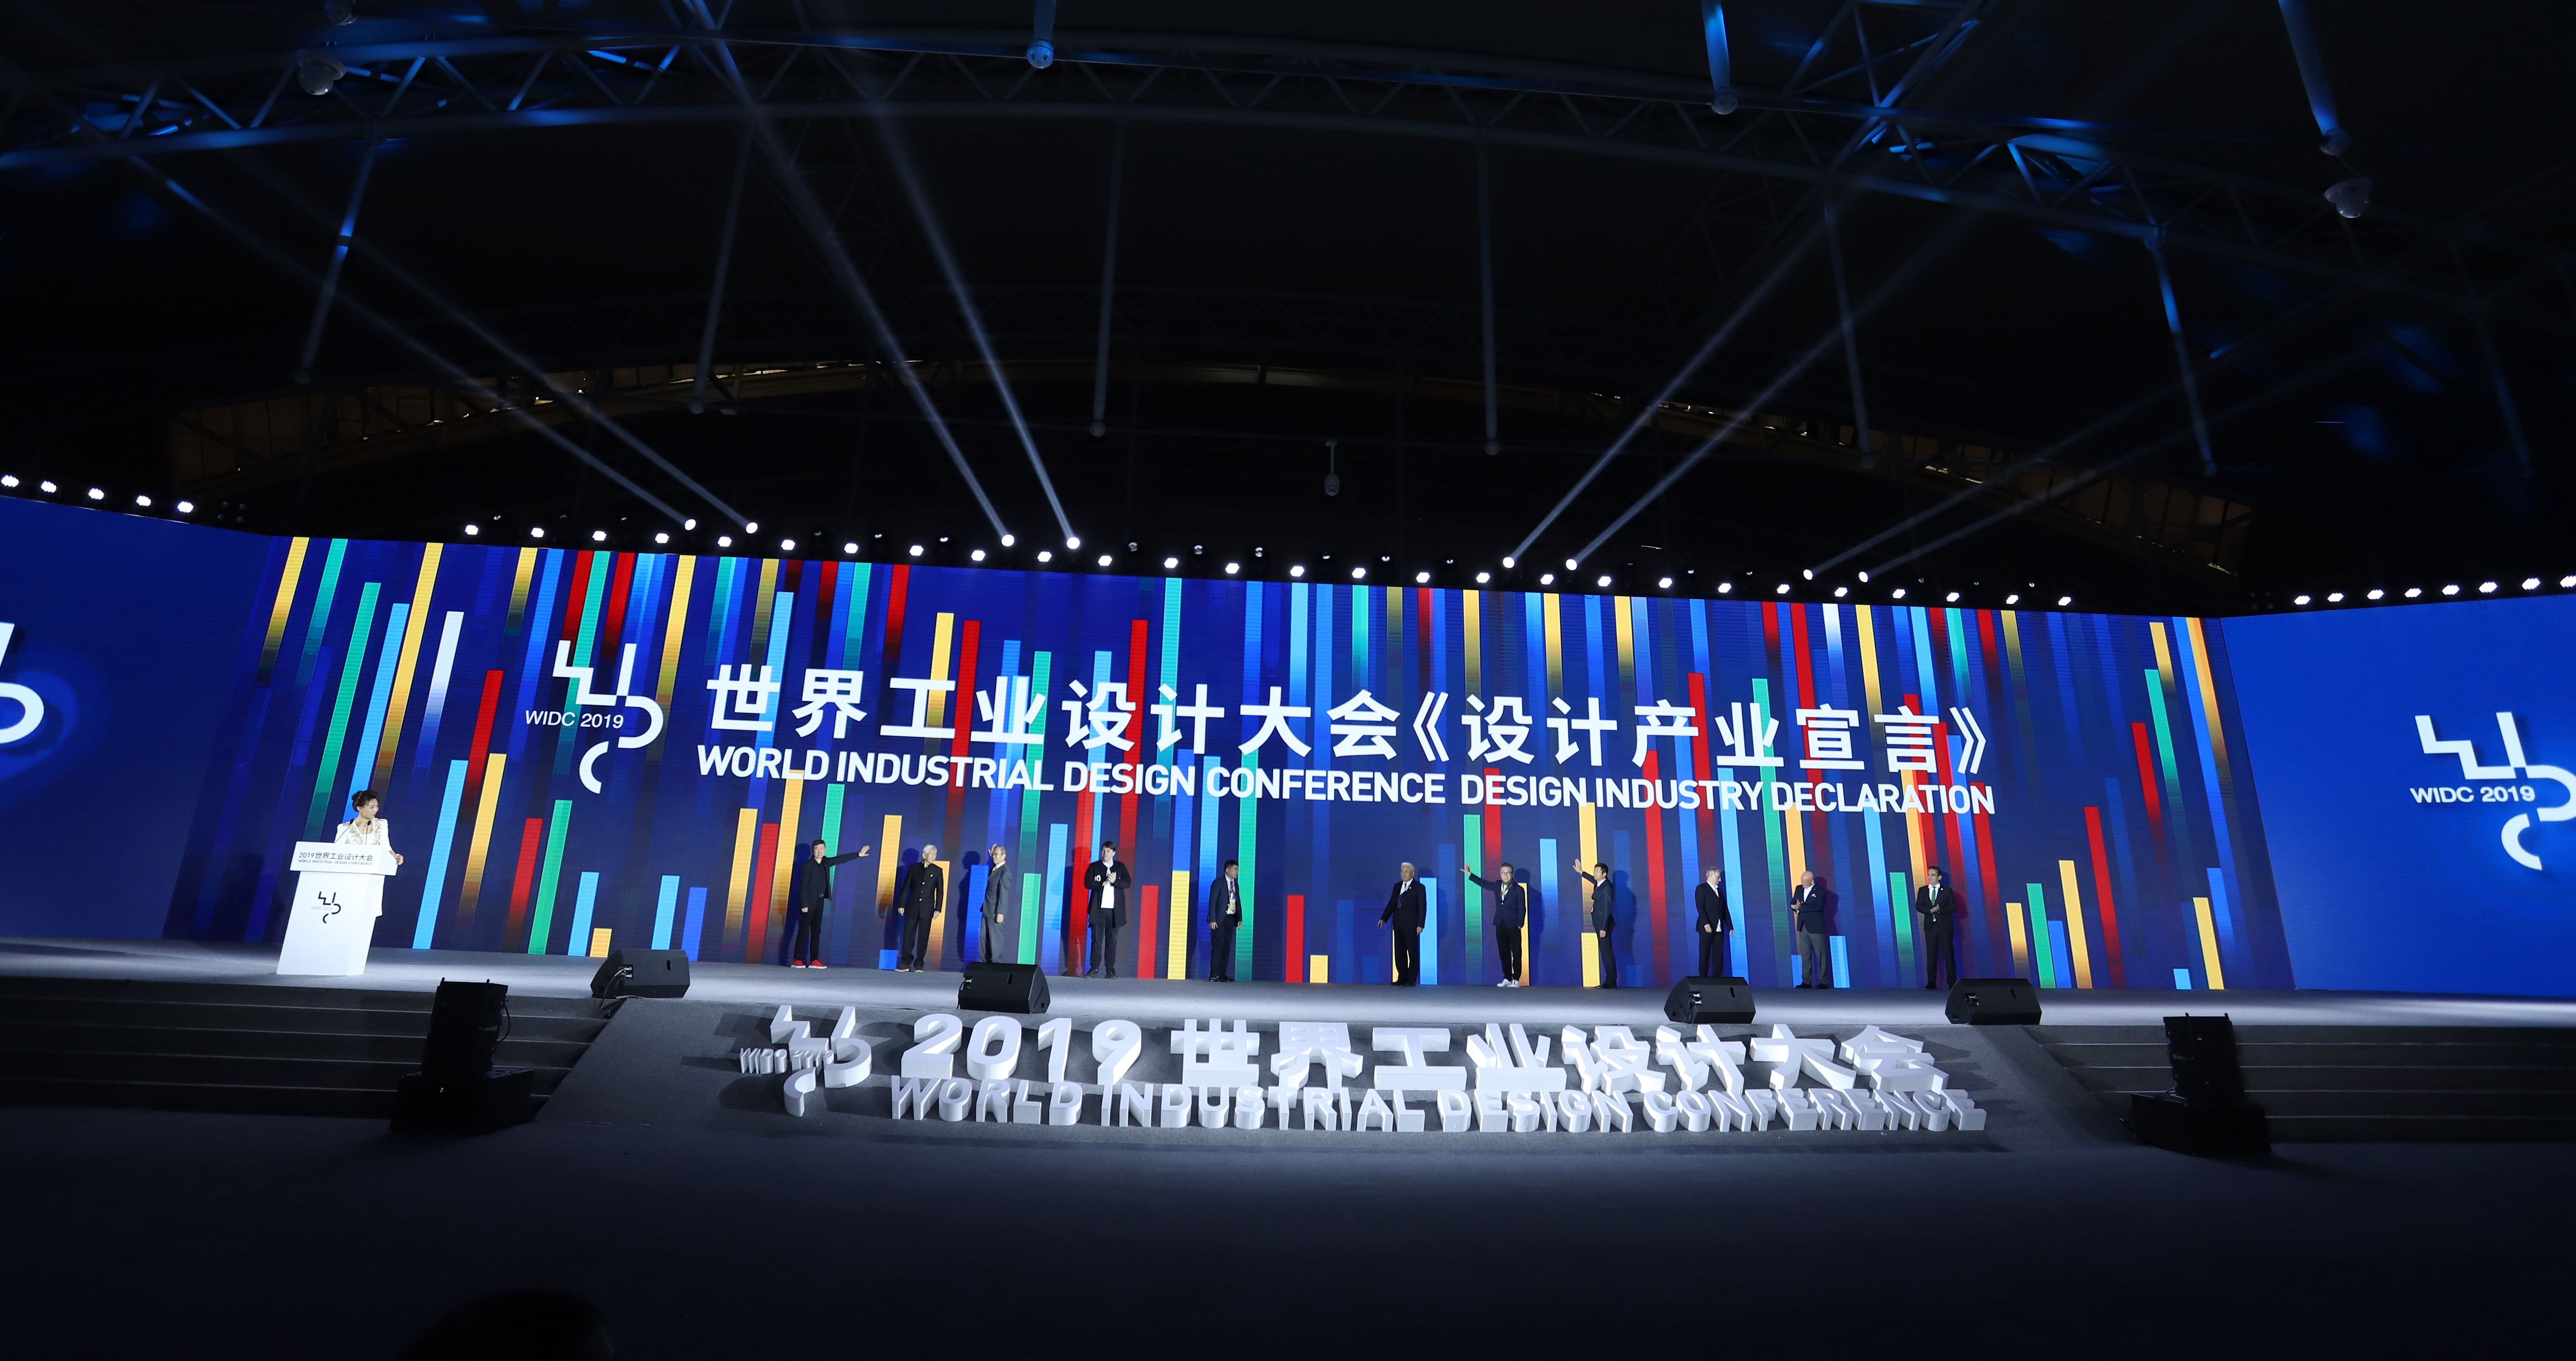 世界工业设计大会《设计产业宣言》